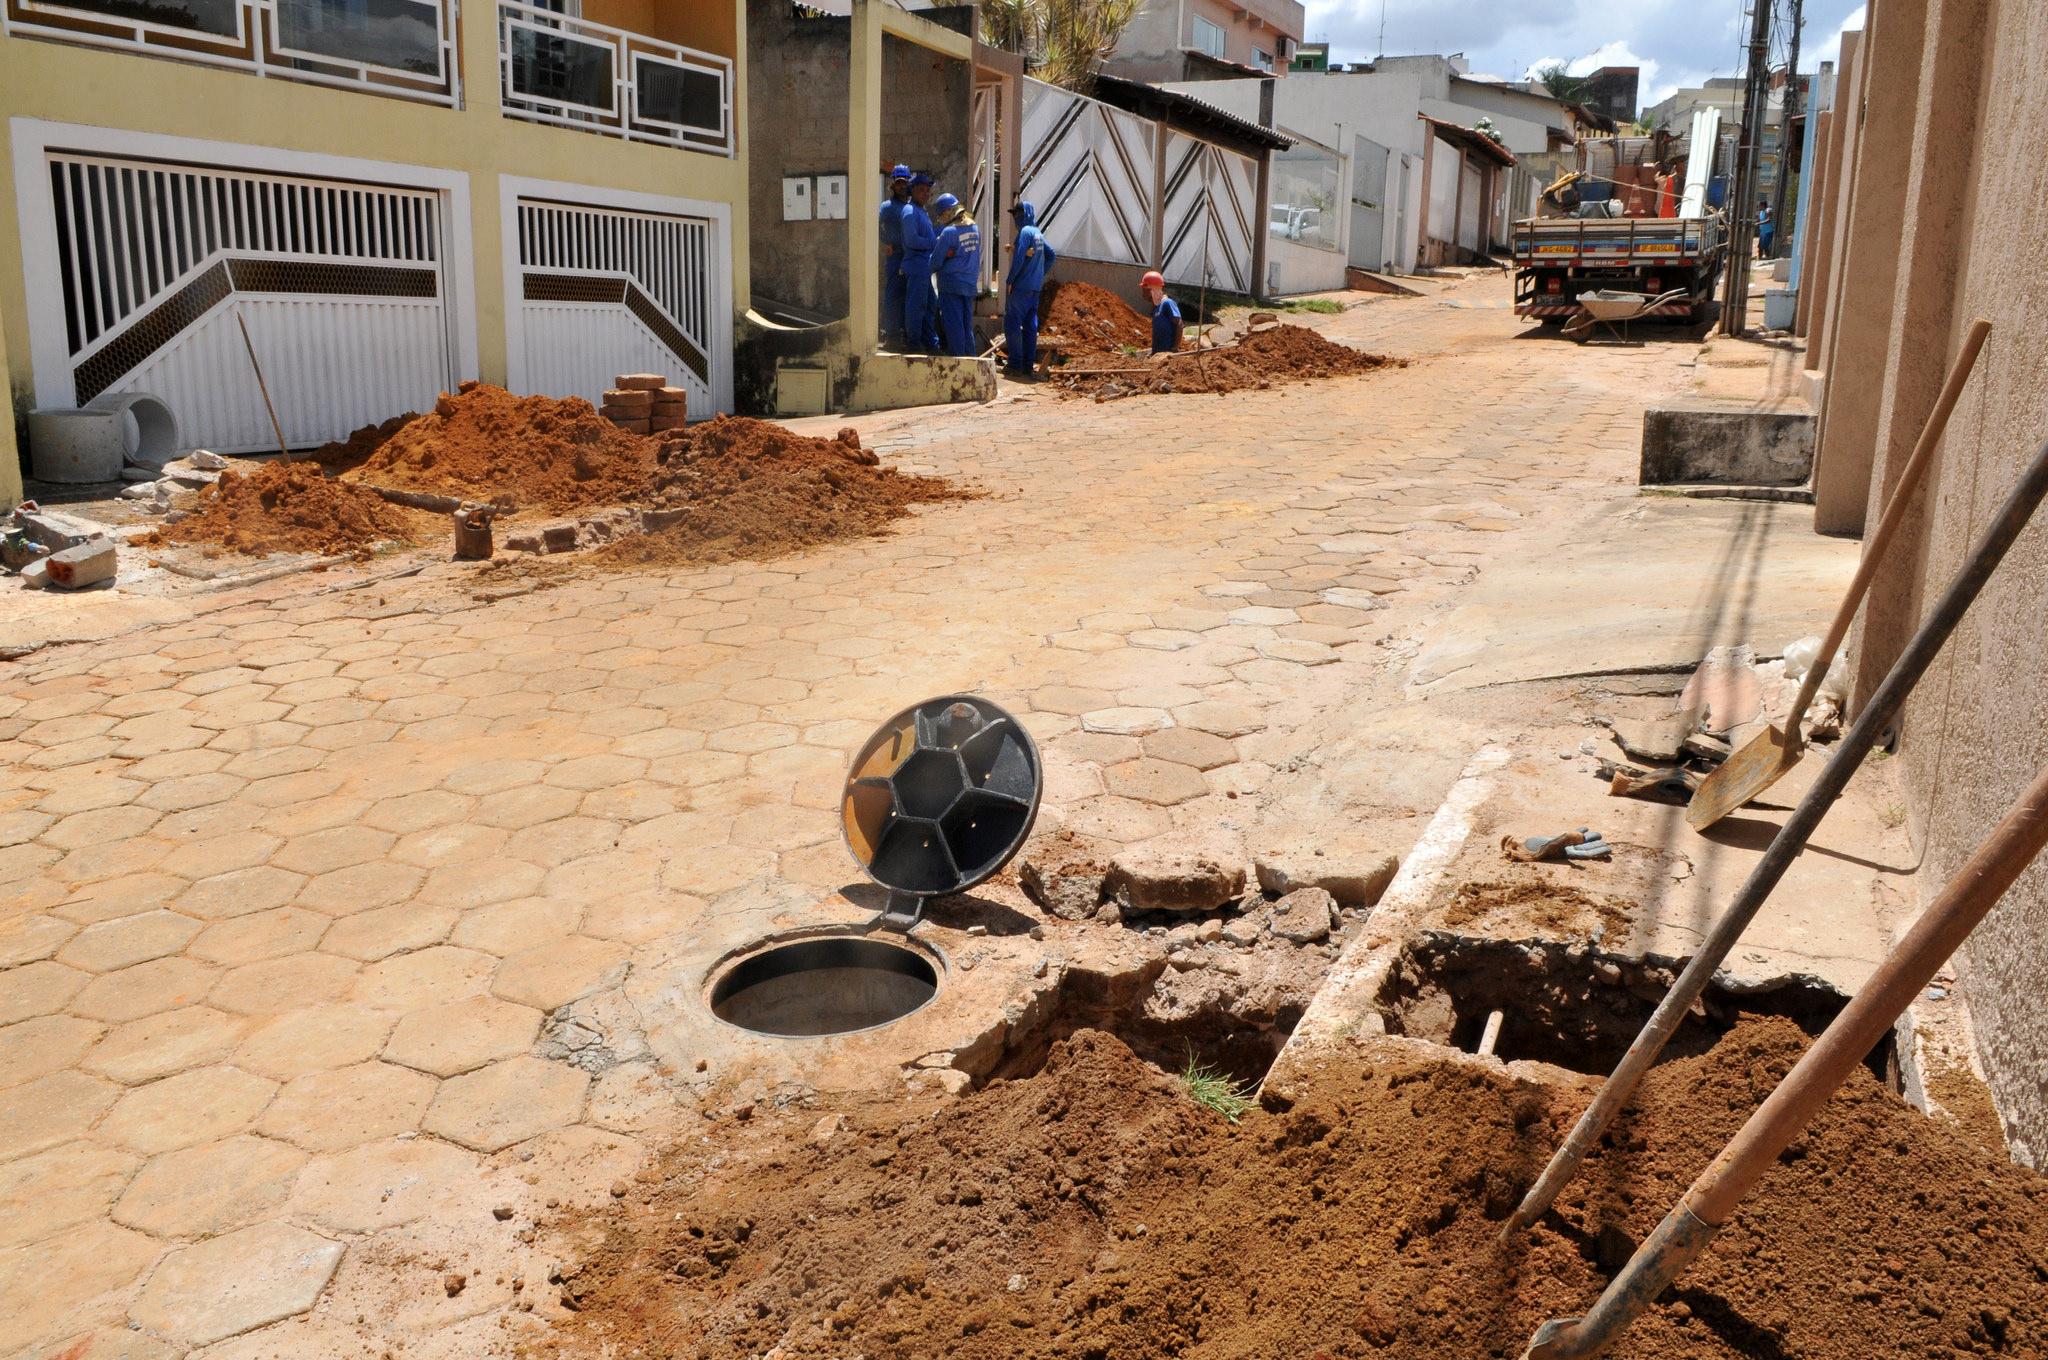 Cidades - infraestrutura - saneamento básico águas pluviais esgotos